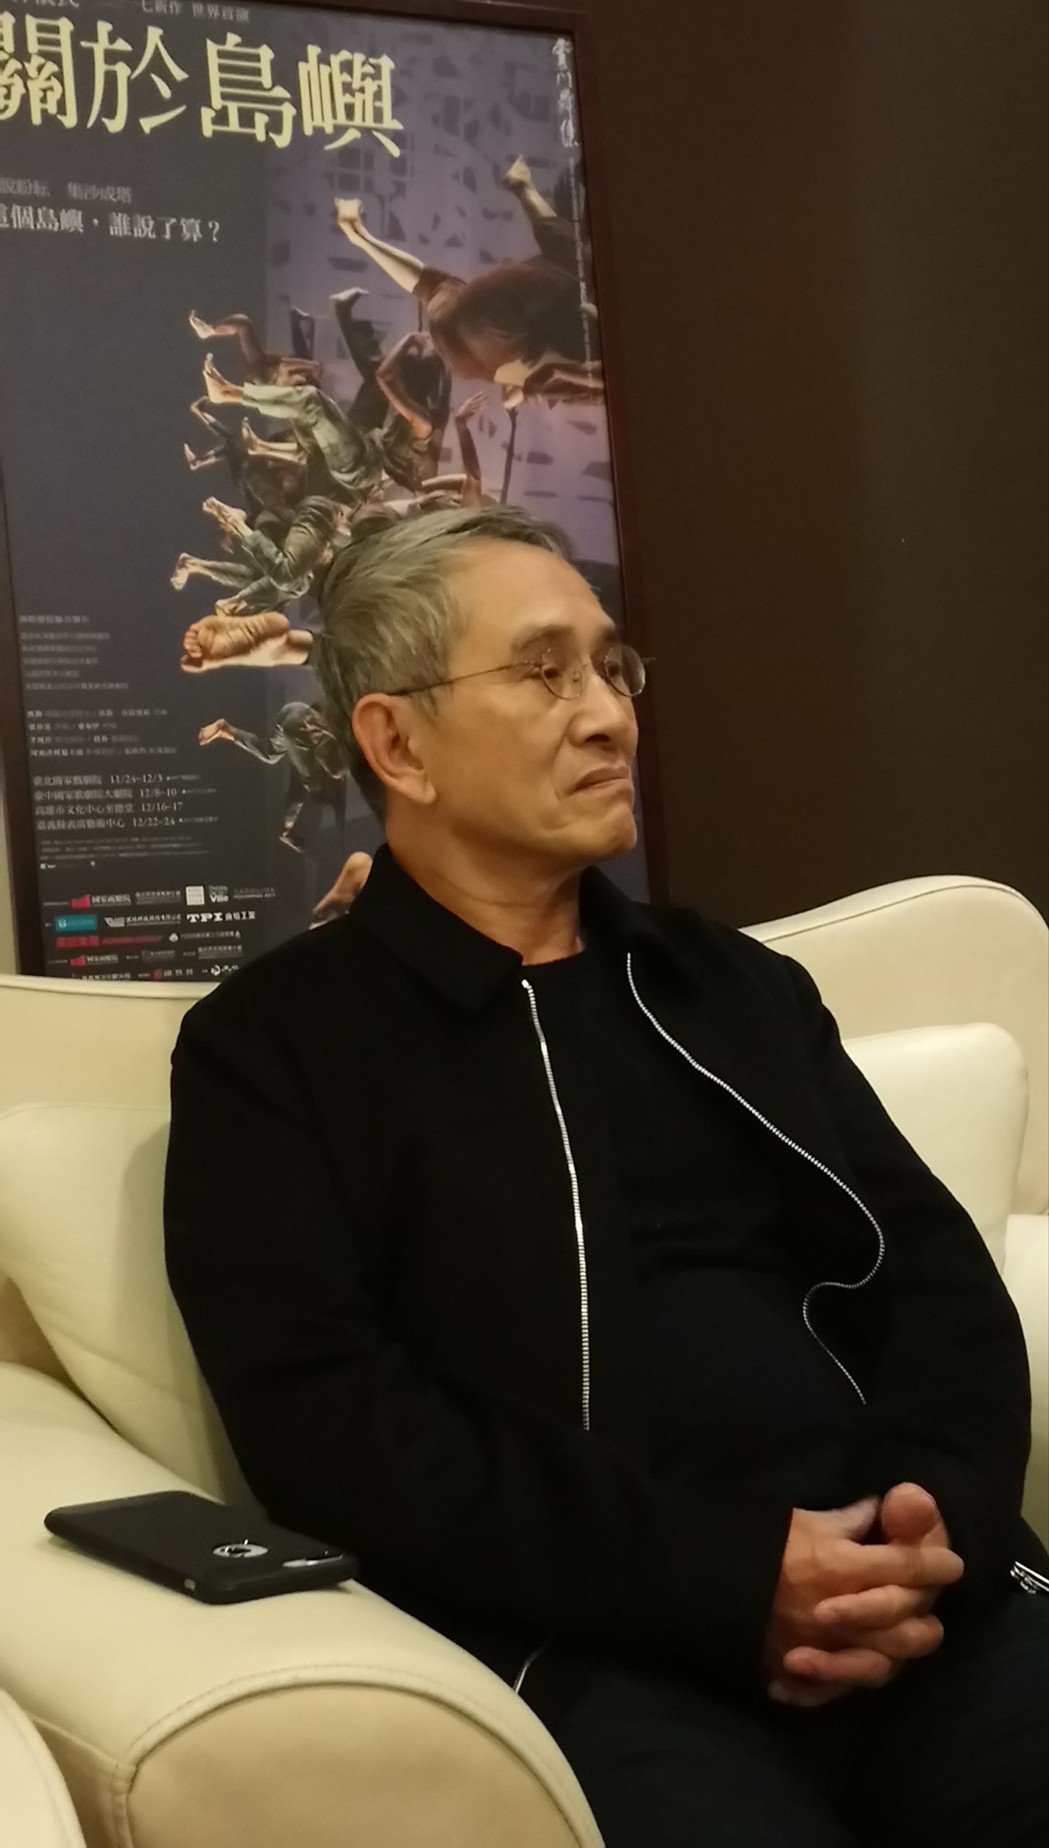 林懷民強調,「關於島嶼」創作取材臺灣,是一定看得懂的舞作。記者卜敏正/攝影